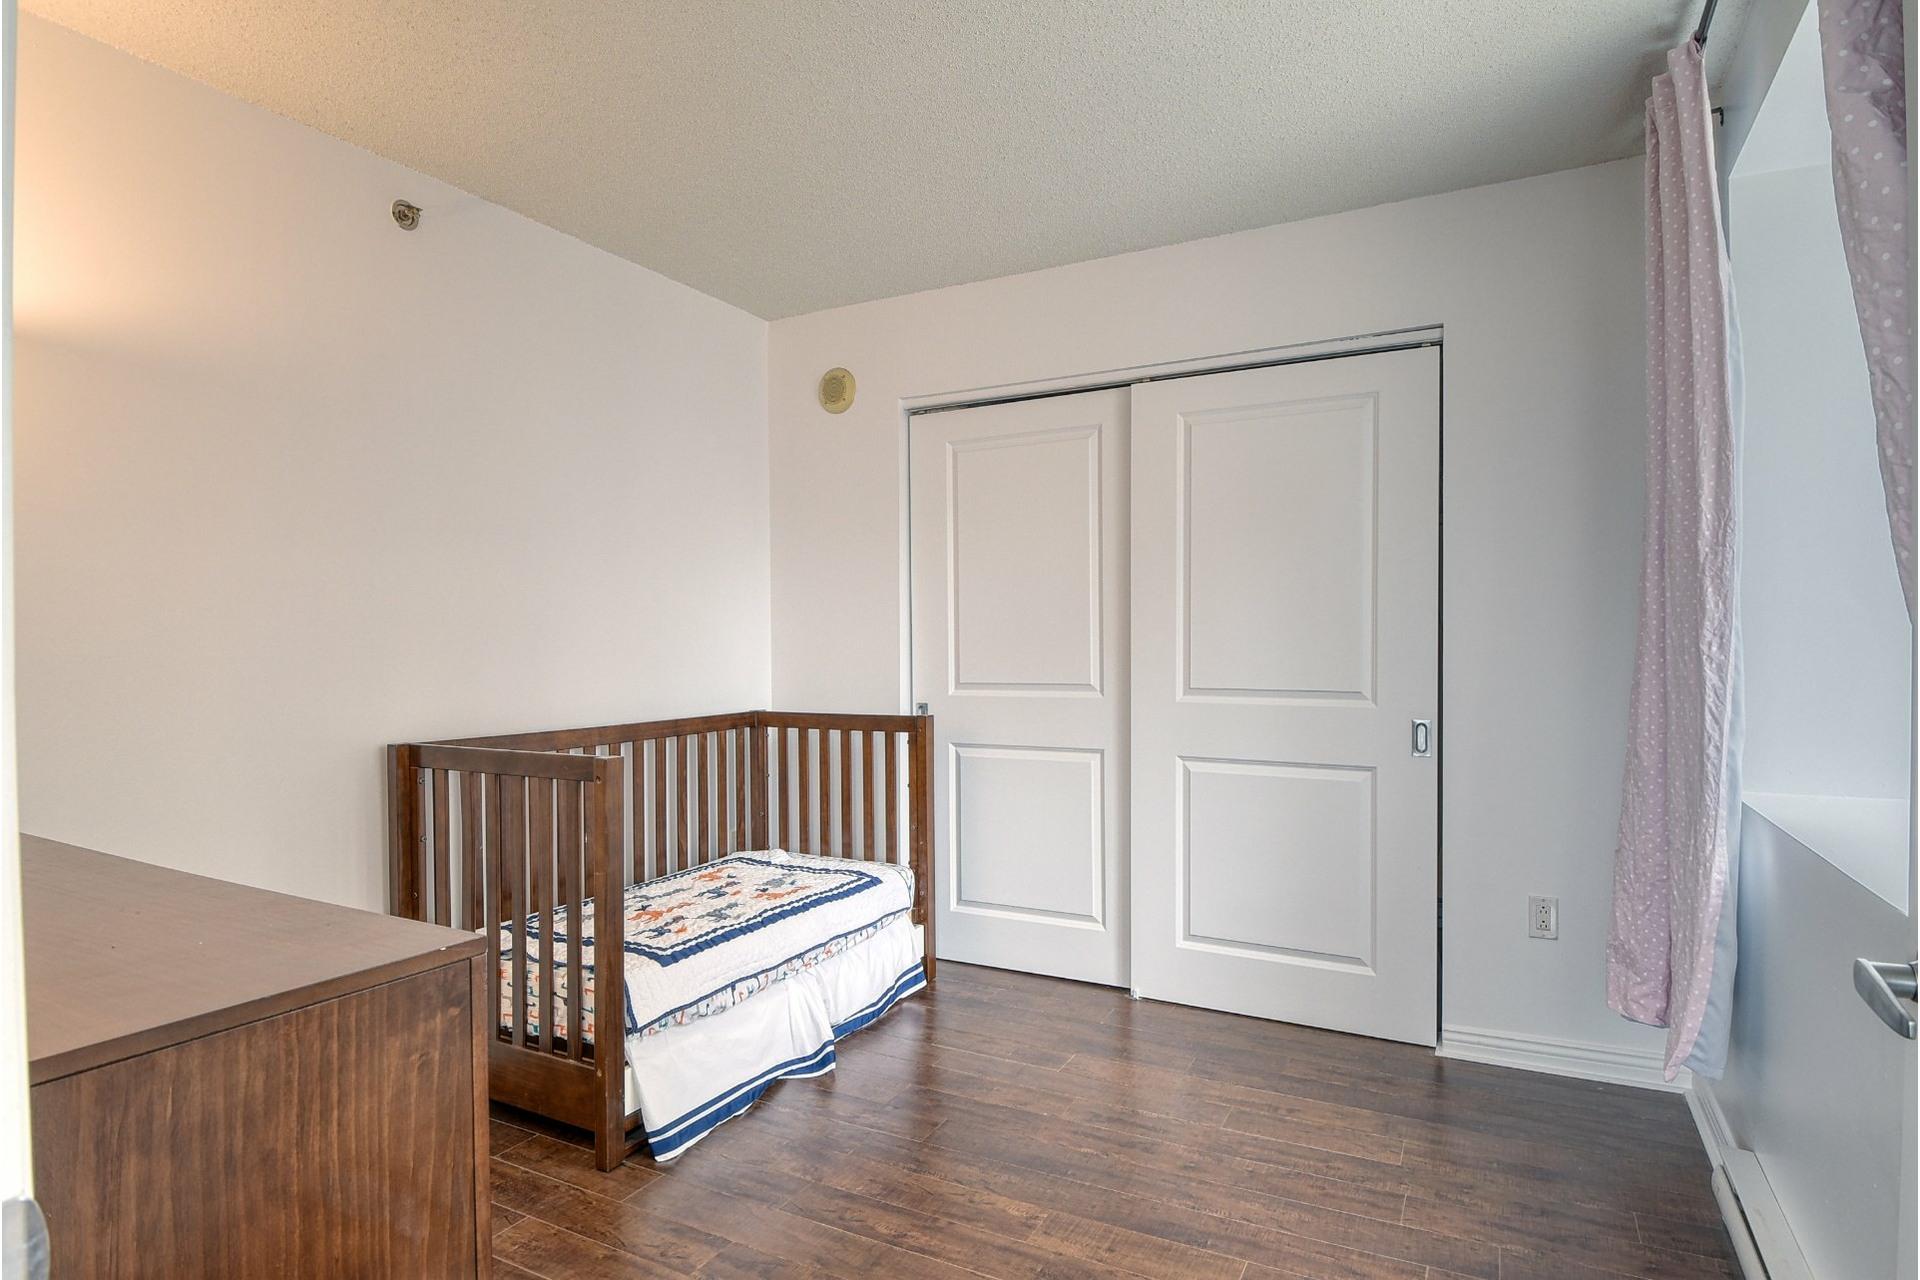 image 16 - Appartement À vendre Ville-Marie Montréal  - 4 pièces